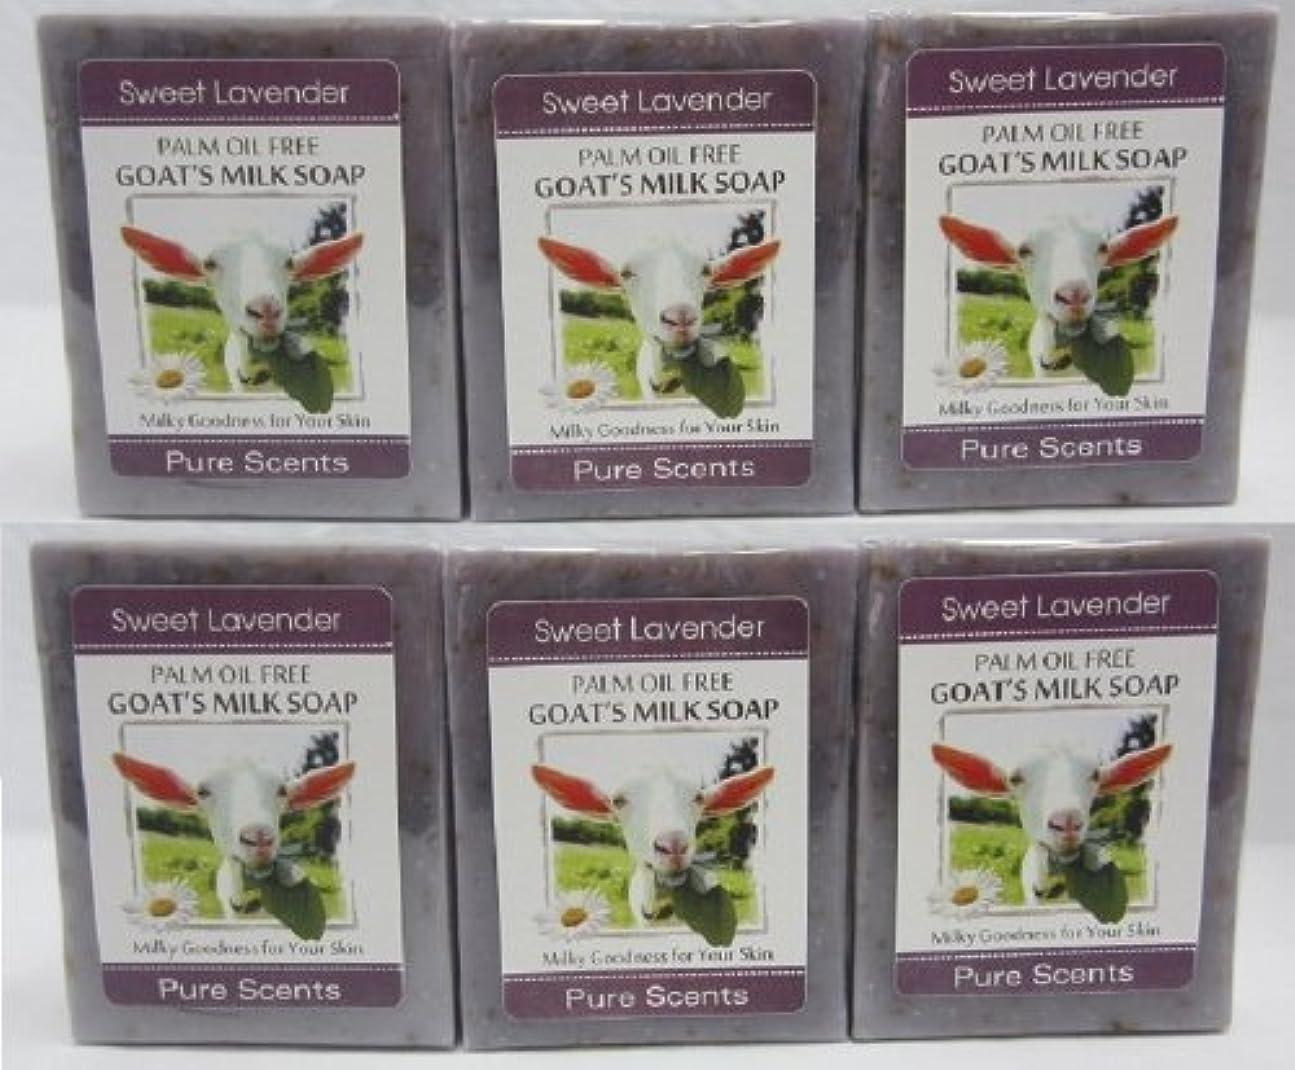 シリンダー精査するブランク【Pure Scents】Goat's Milk Soap ヤギのミルクせっけん 6個セット Sweet Lavender スイートラベンダー